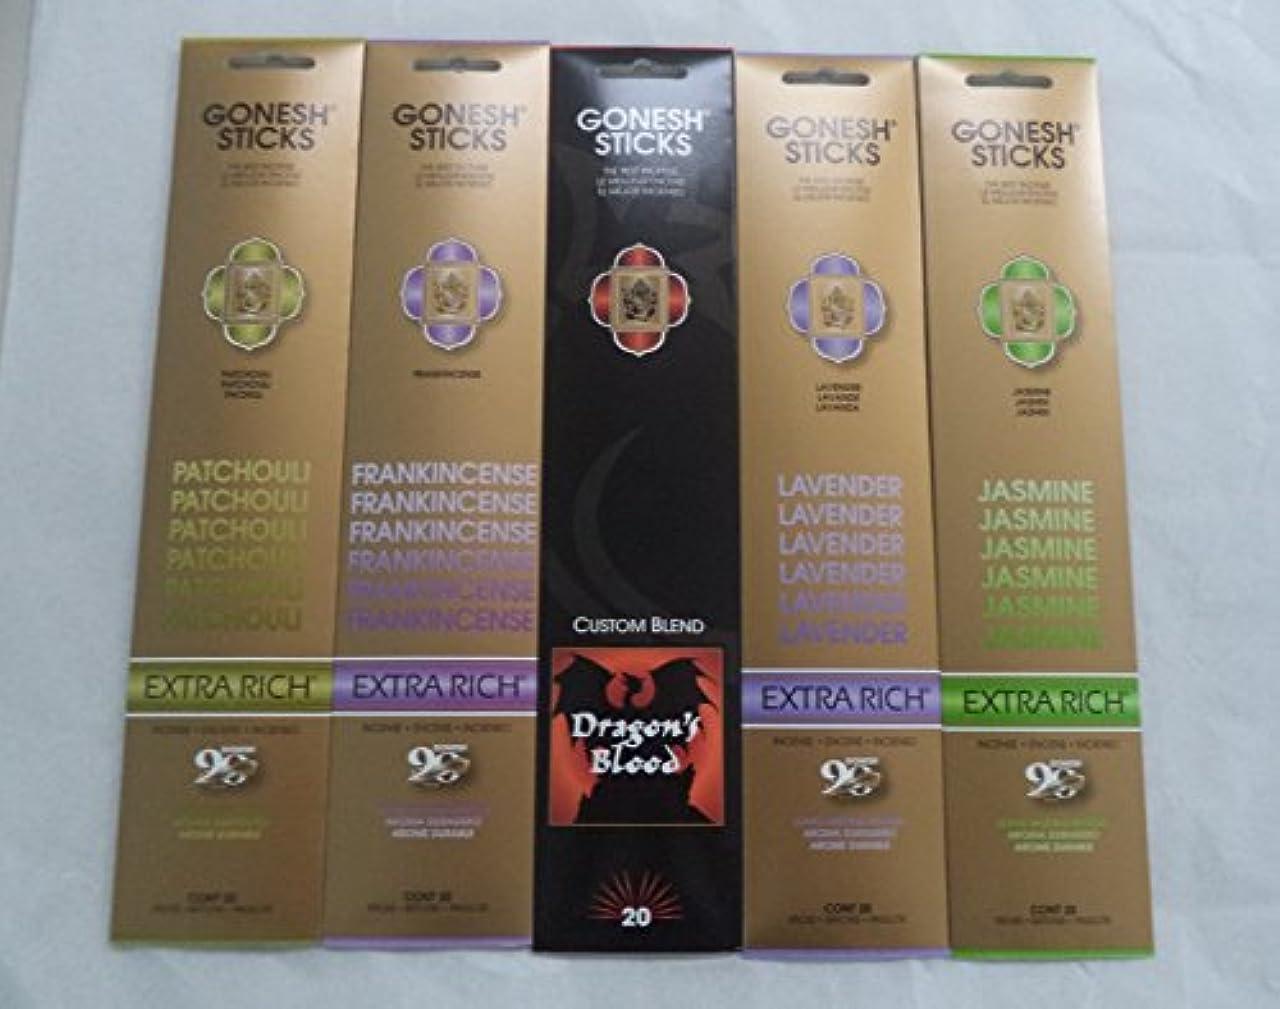 ポジション非アクティブ政治Gonesh Incense Stick Best SellerコンボVariety Set # 1 5 x 20 = 100 Sticks